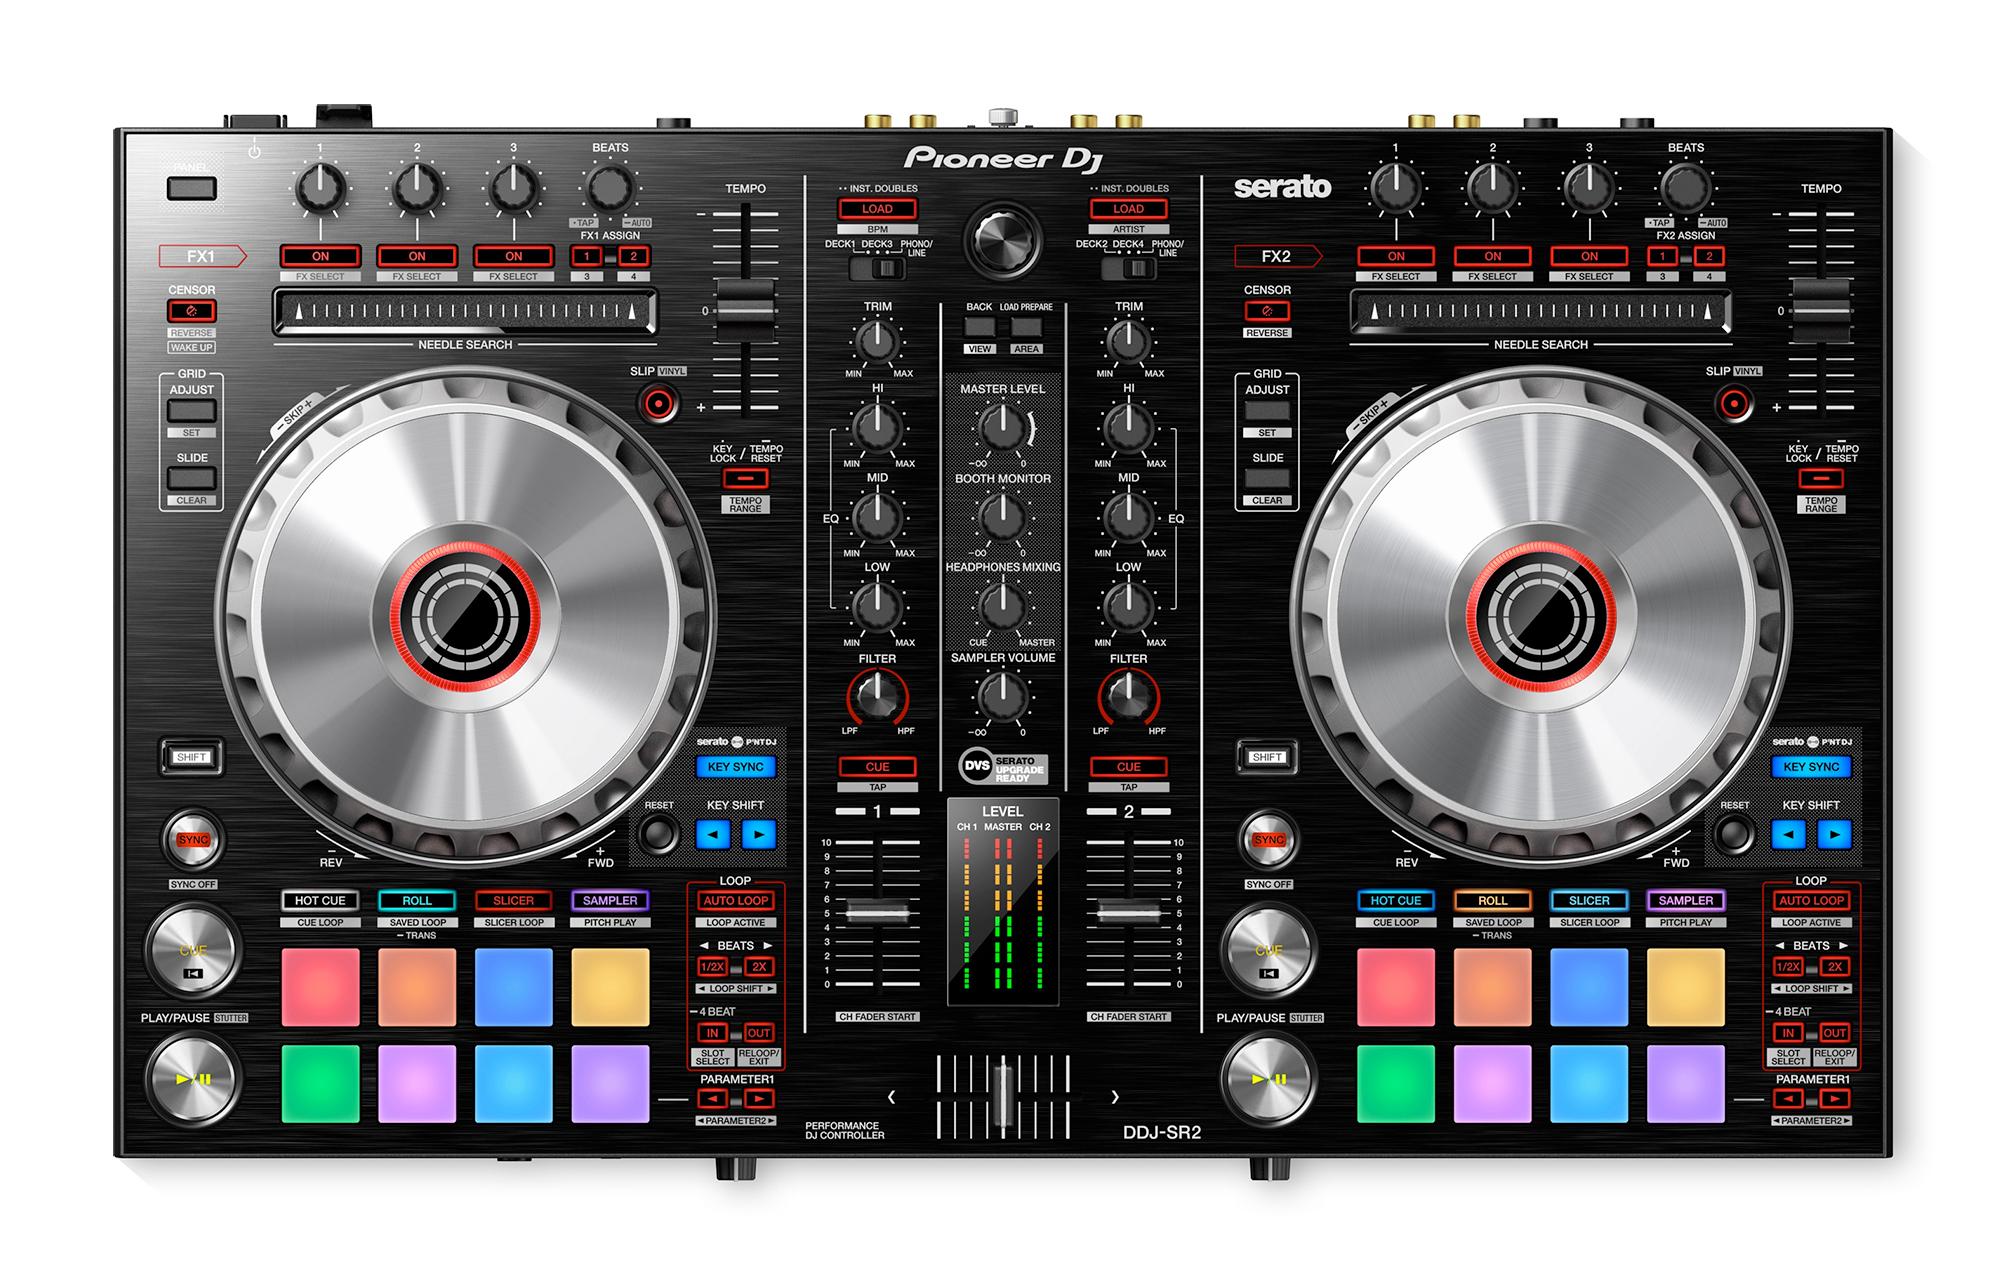 PIONEER DJ DDJ SR2 MANUAL